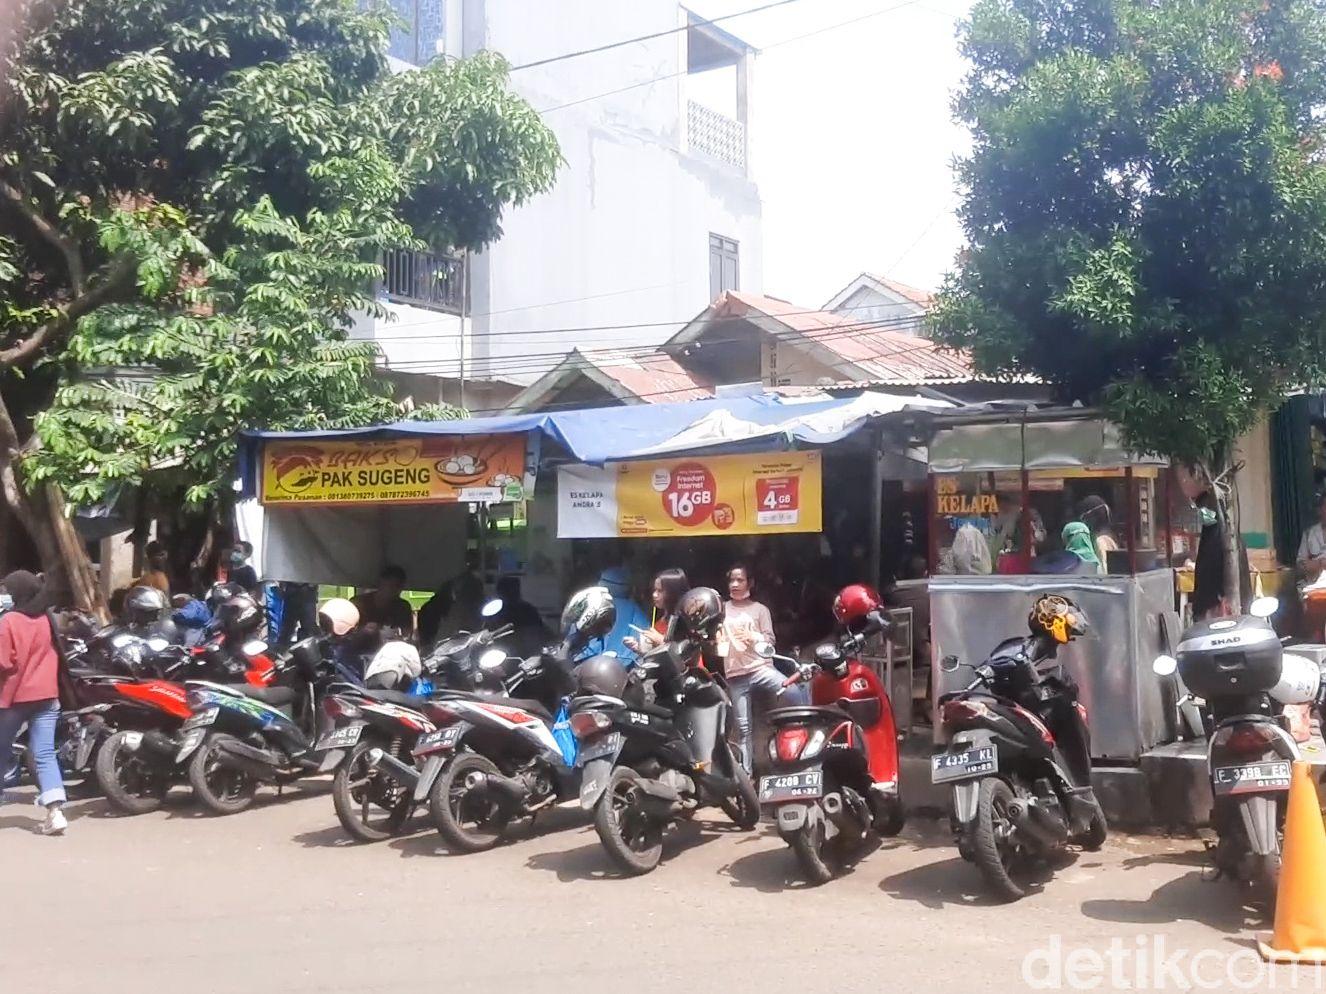 Bakso Pak Sugeng, Bakso Viral di Bogor yang Bisa Habiskan 50 Kg Tetelan Sehari